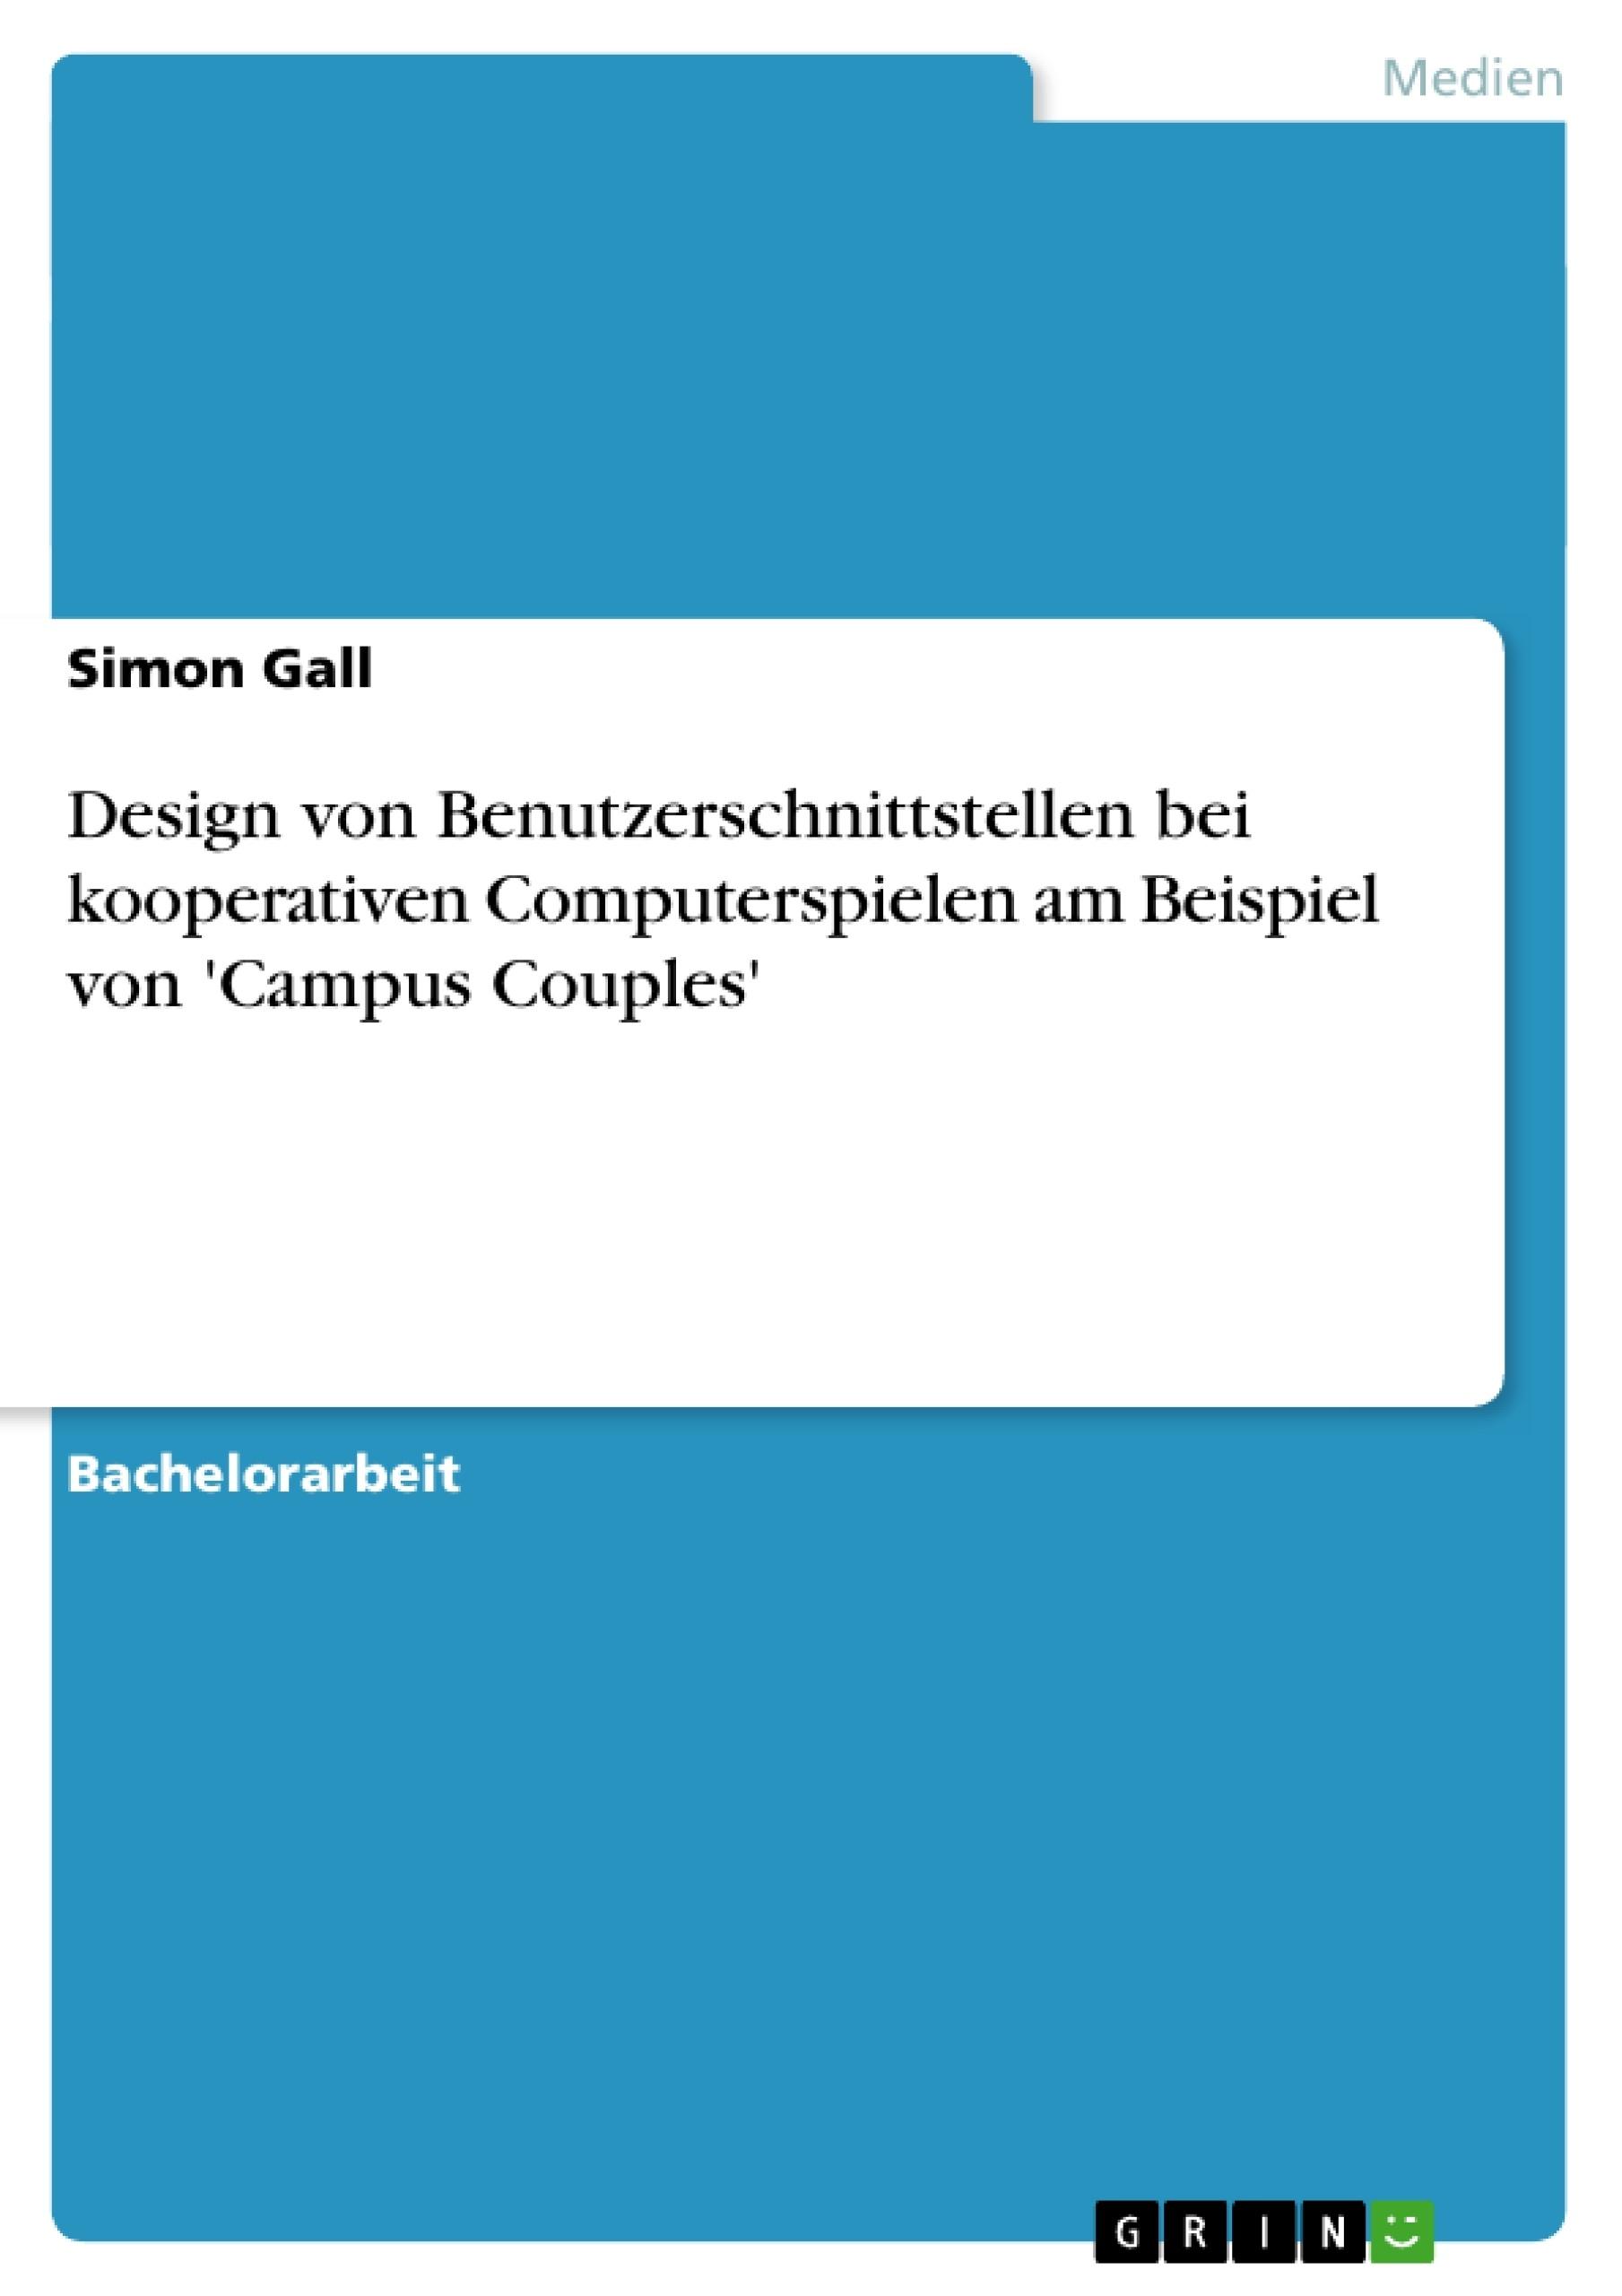 Titel: Design von Benutzerschnittstellen bei kooperativen Computerspielen am Beispiel von 'Campus Couples'